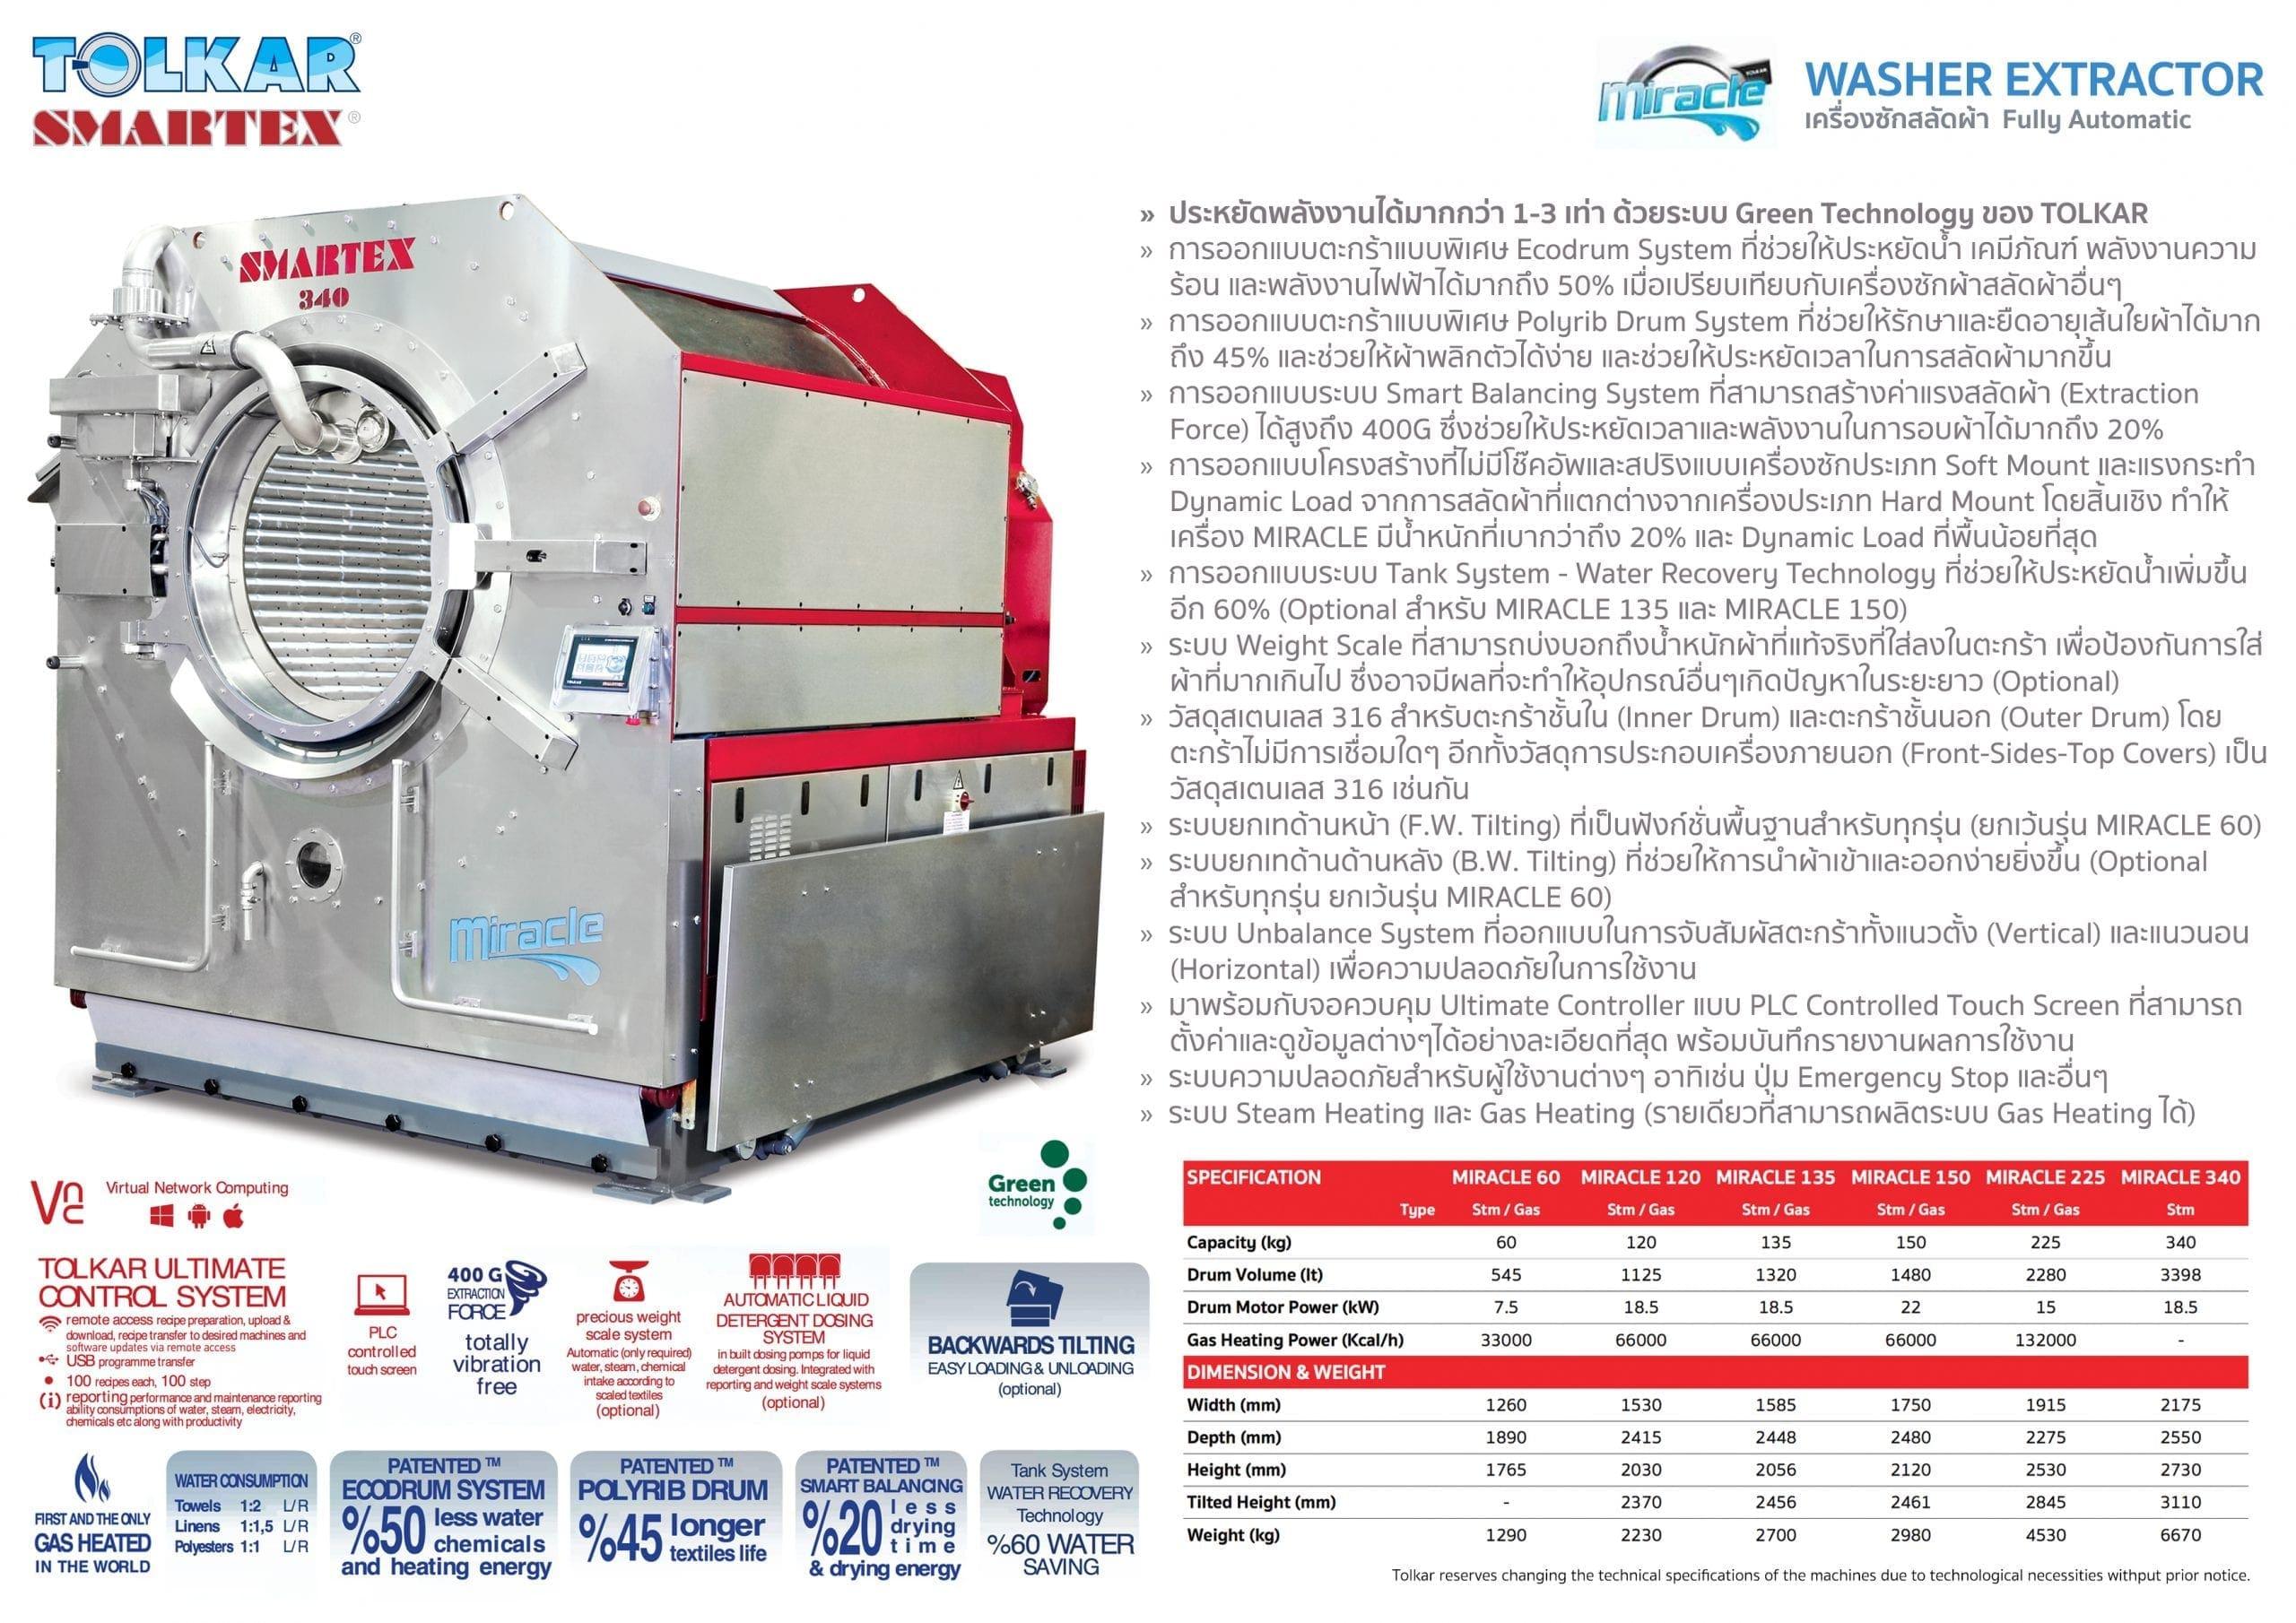 เครื่องซักผ้าอุตสาหกรรม SMARTEX MIRACLE ประหยัดน้ำ-เคมี-ความร้อน 50%